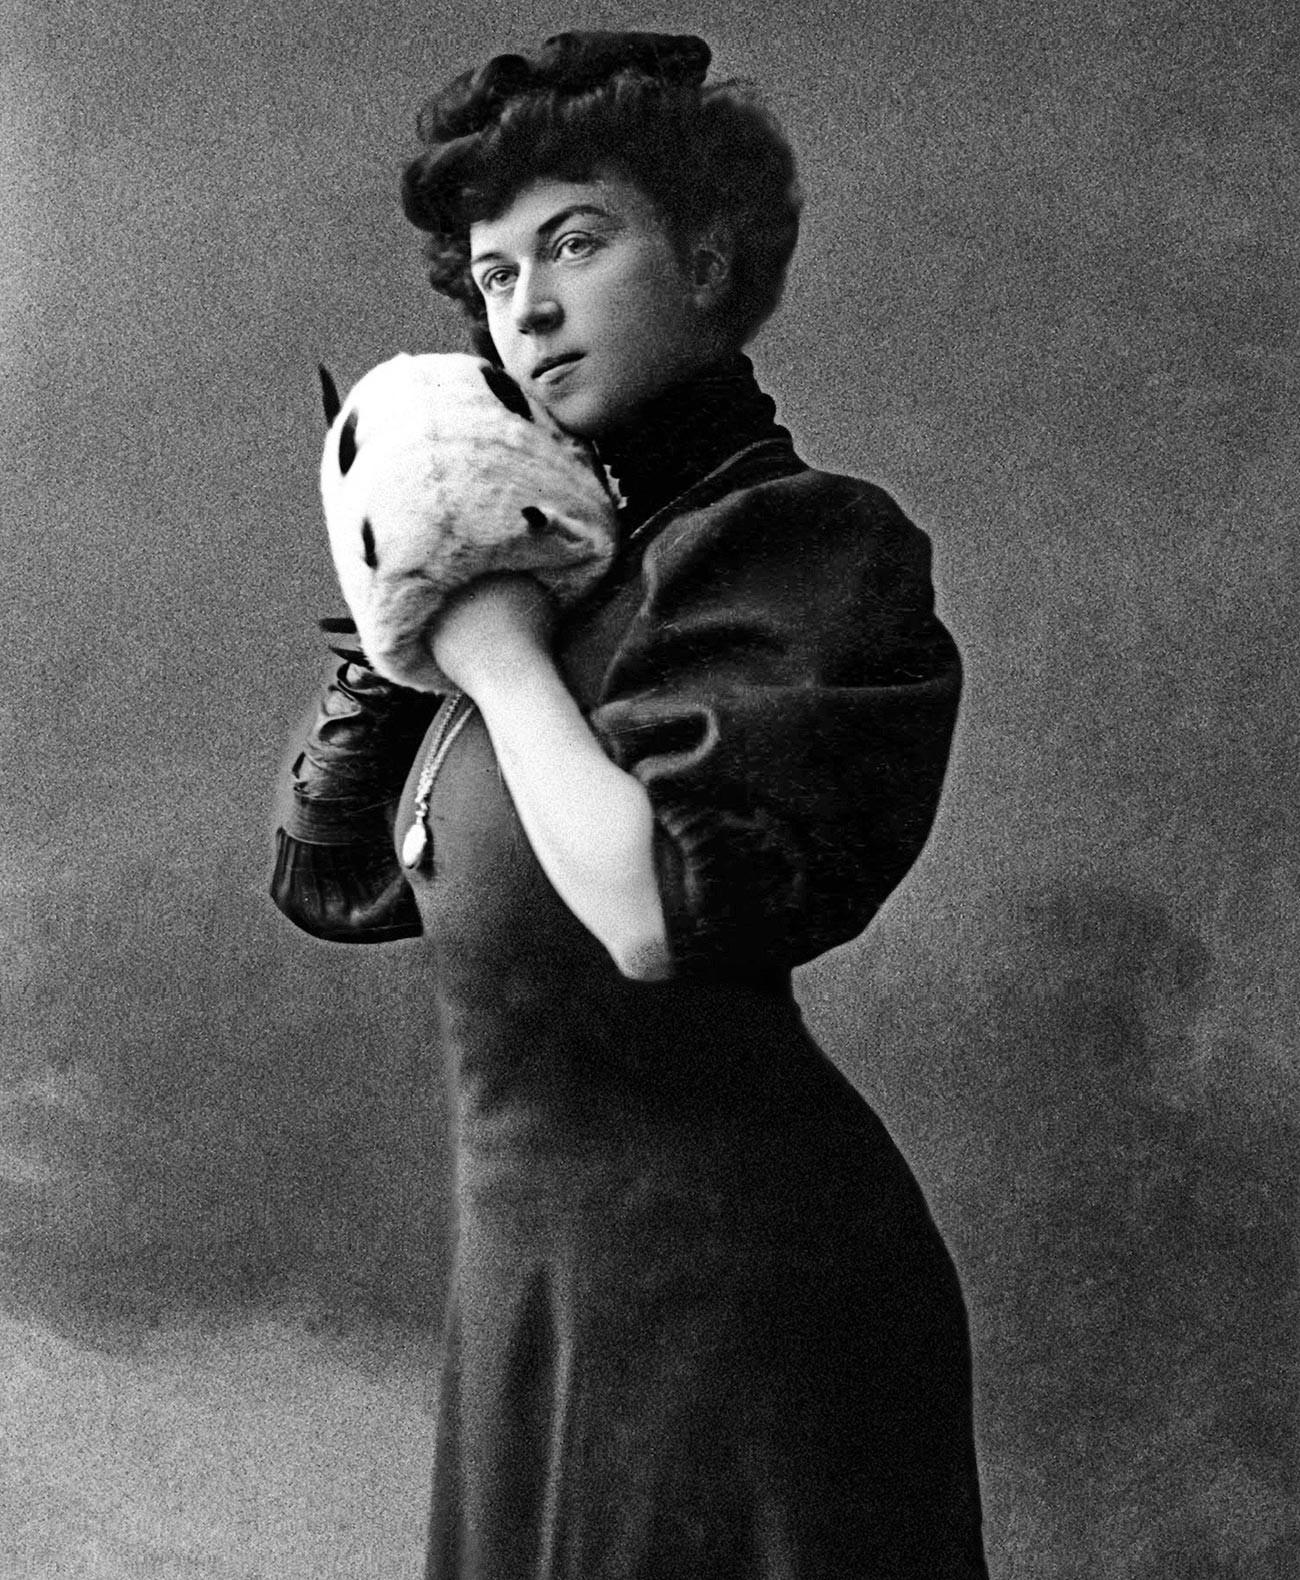 Александра Михајловна Колонтај, девојачко Домонтович (1872-1952), прва жена министар у историји и жена амбасадор. У влади коју су бољшевици формирали после свргавања Привремене владе у октобру 1917. године добила је место министра, тј. народног комесара за старатељство. Фотографија из 1900-1902.